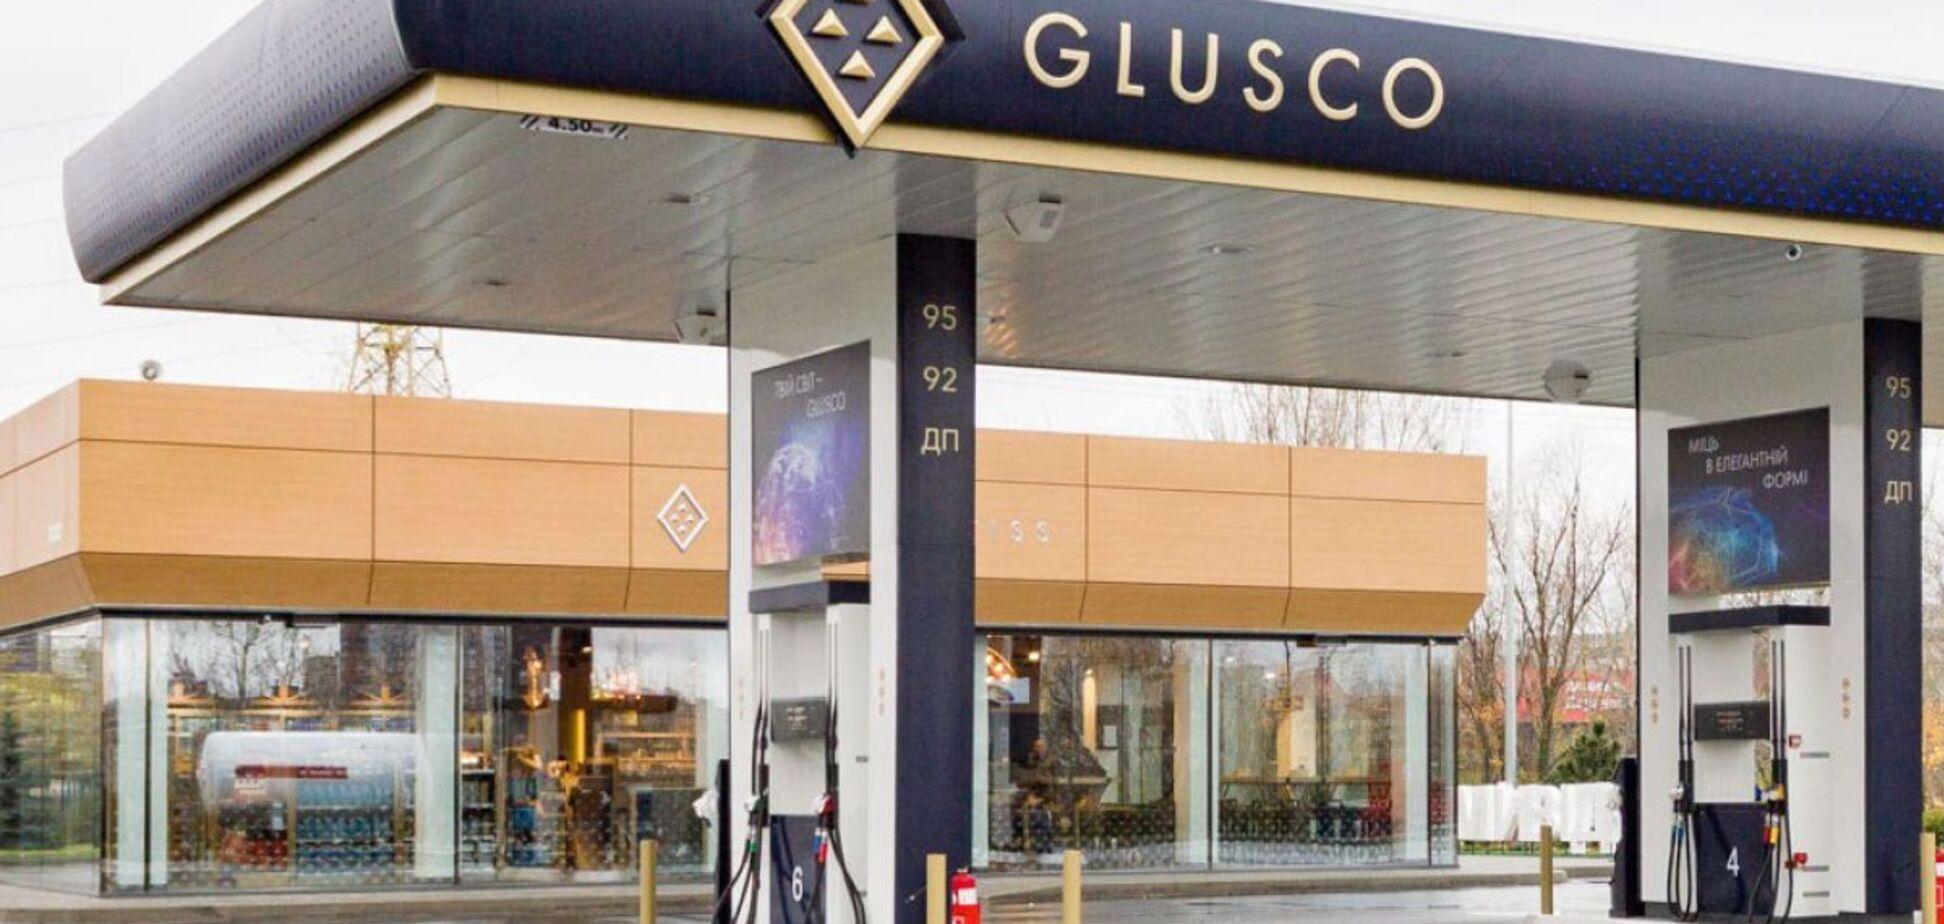 Socar New Energy будет новым владельцем сети автомобильных заправочных станций Glusco